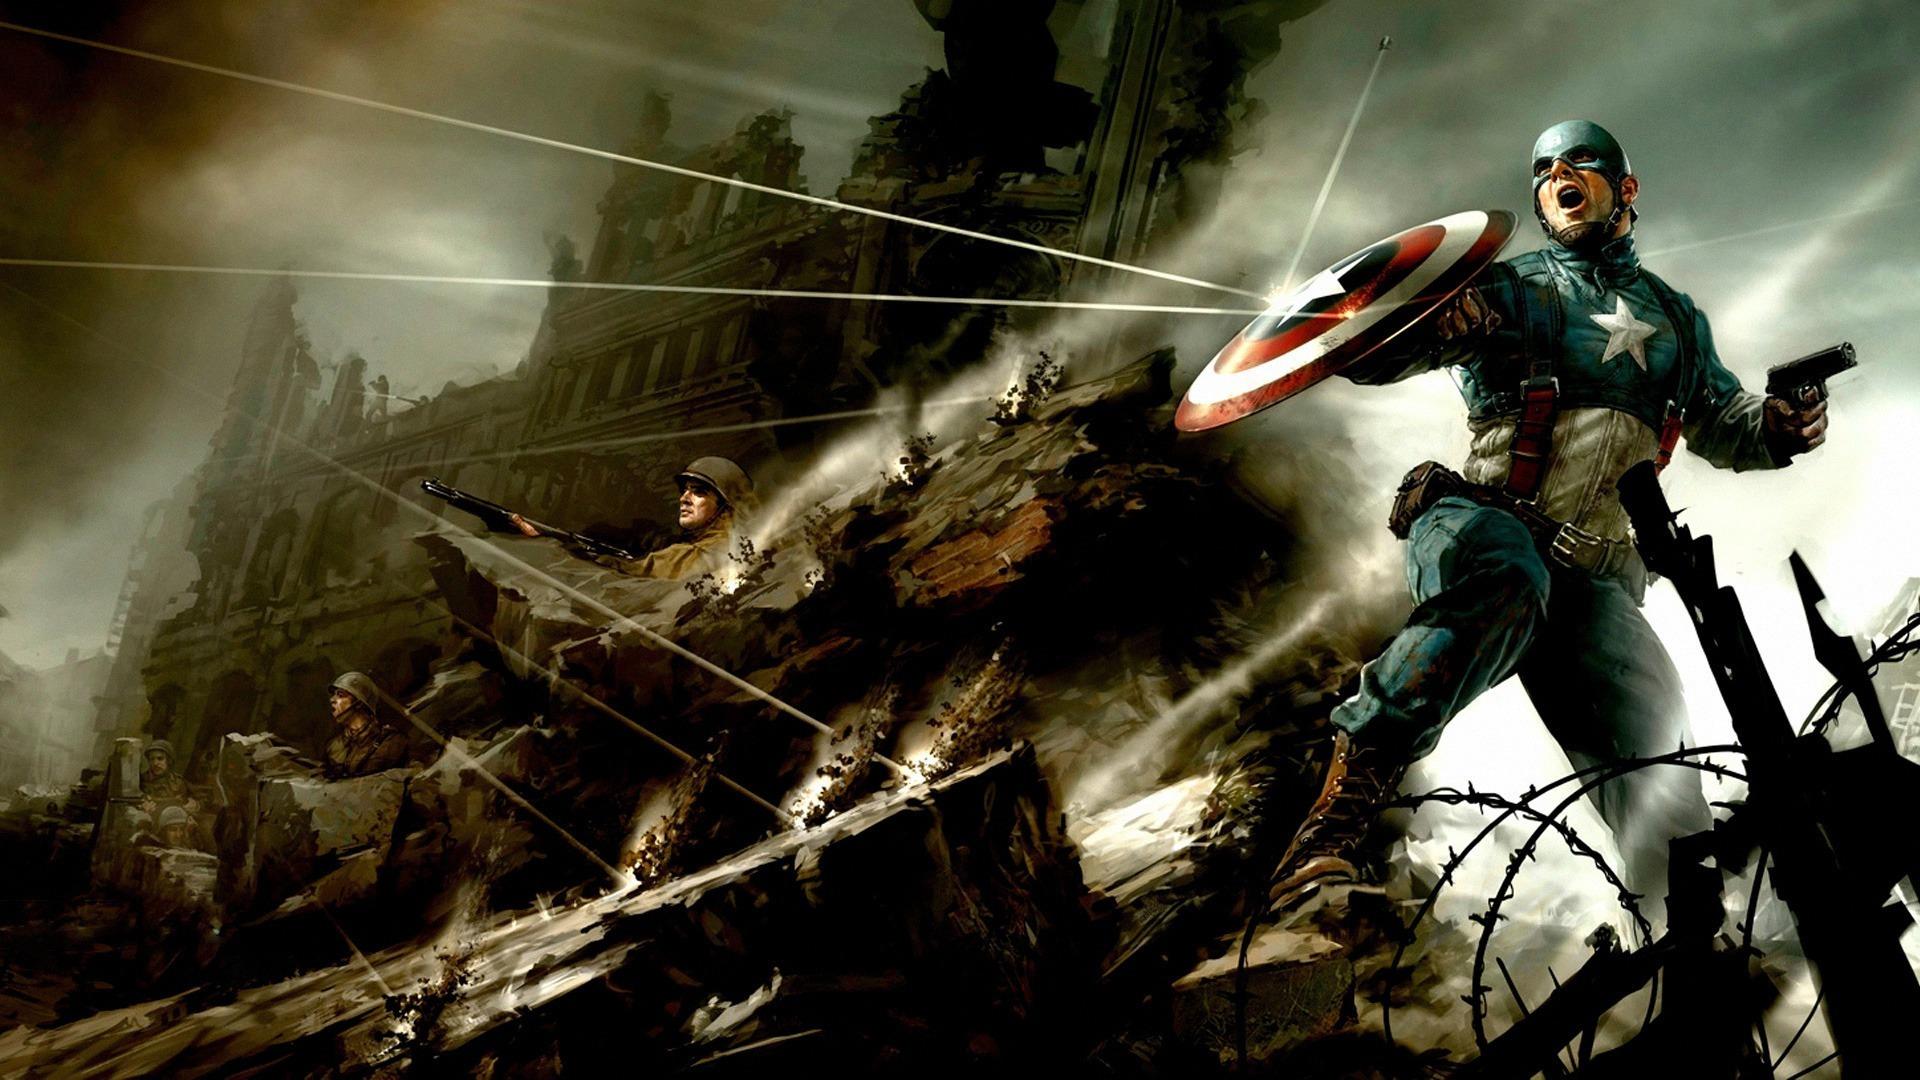 美国队长 第一复仇者 高清电影壁纸